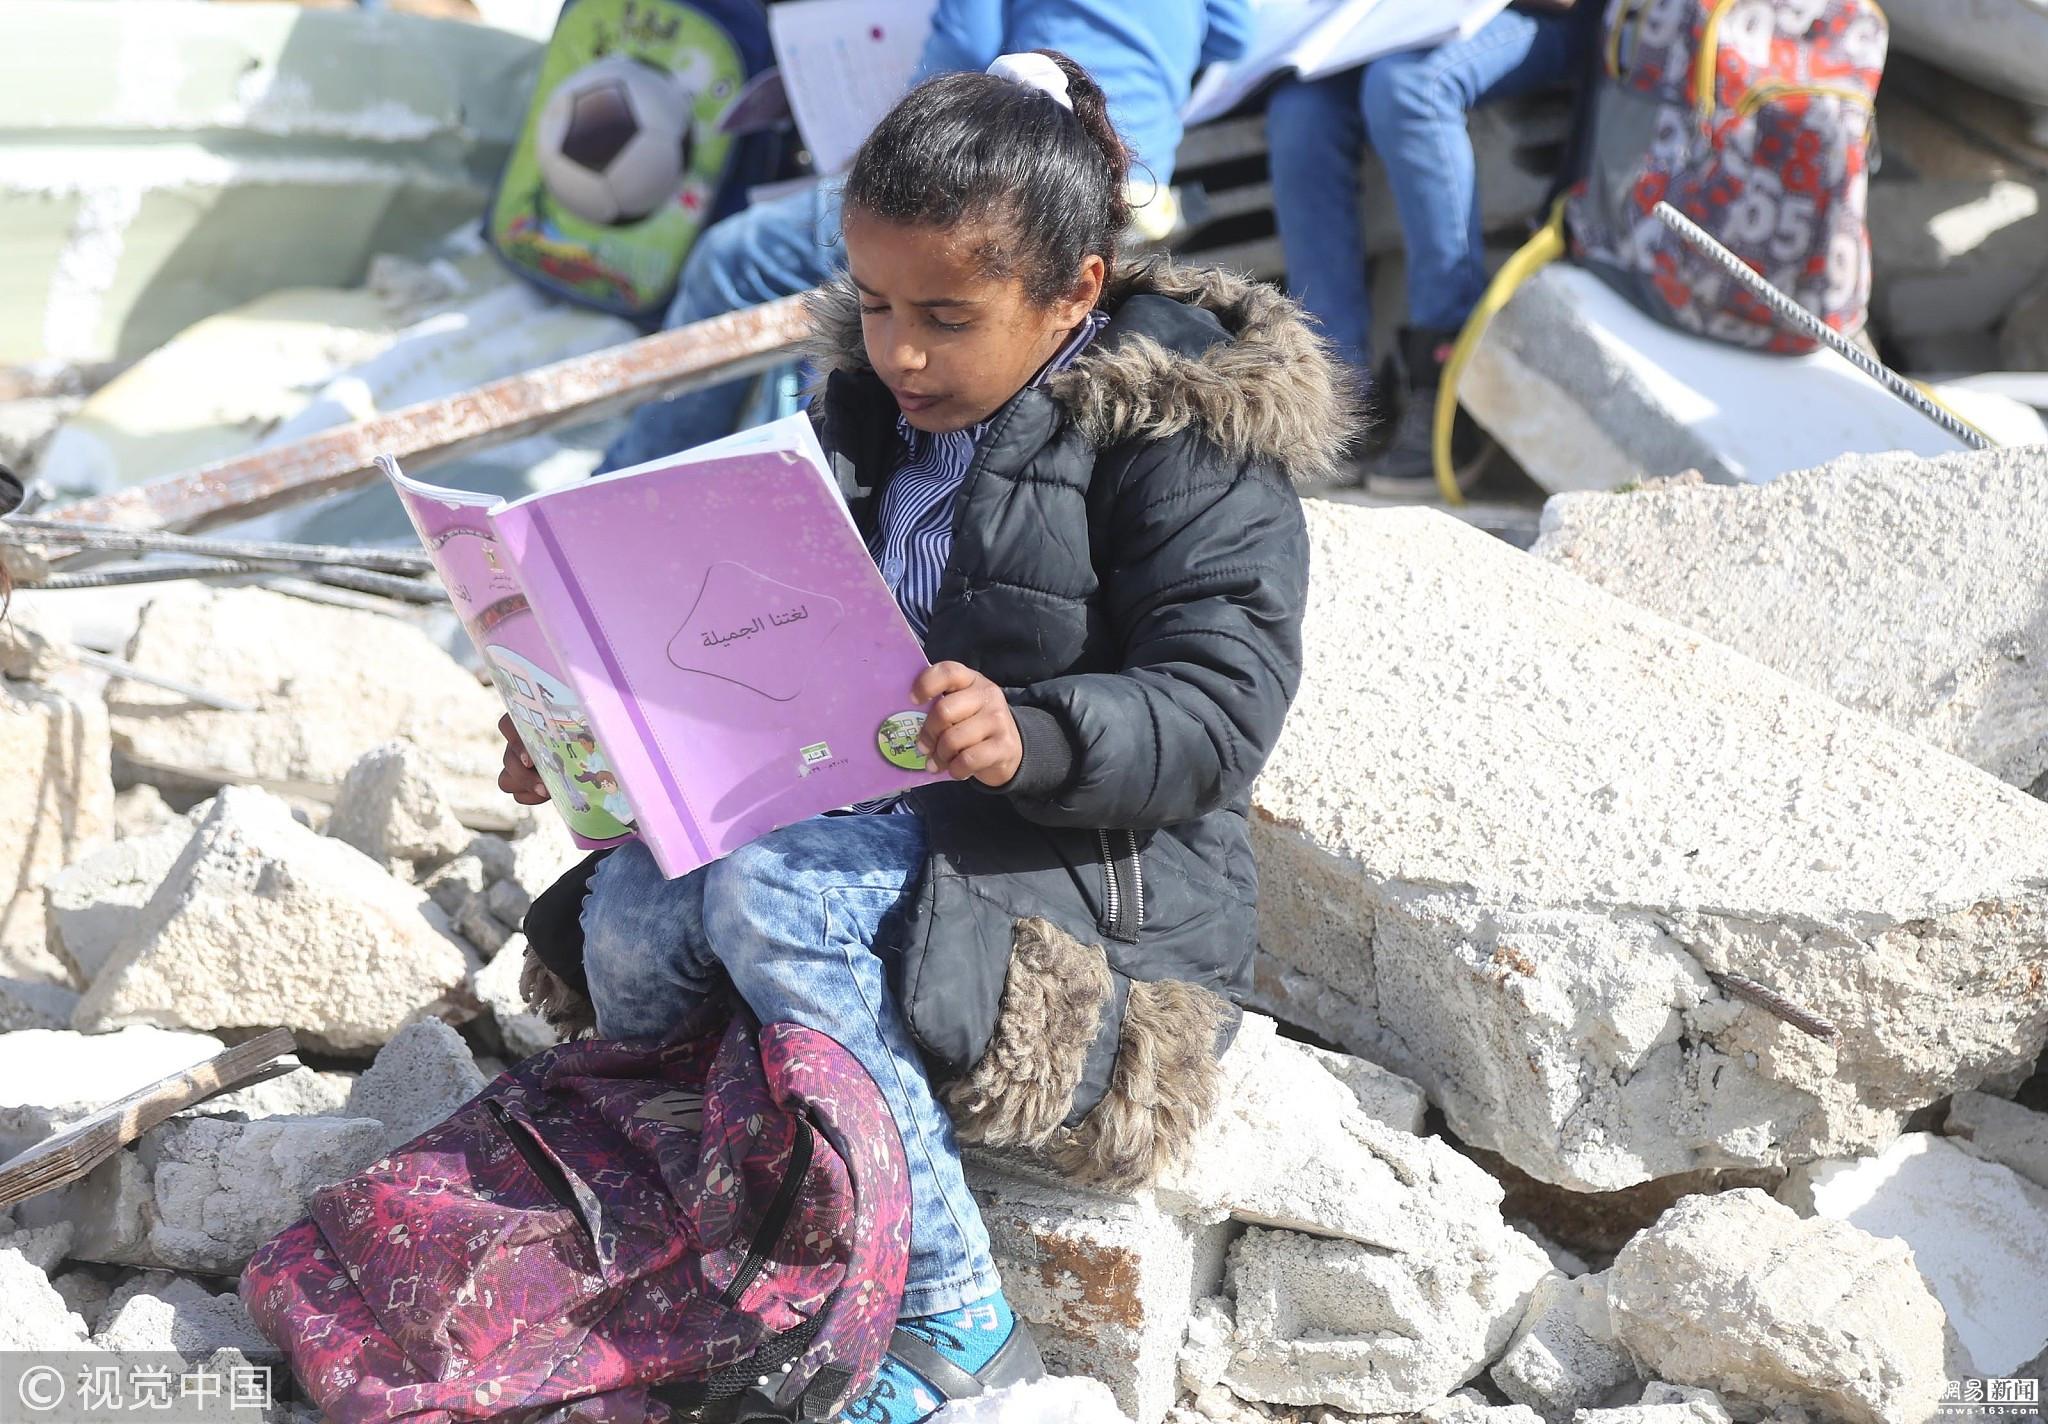 巴勒斯坦学校遭以色列强拆 儿童废墟上看书